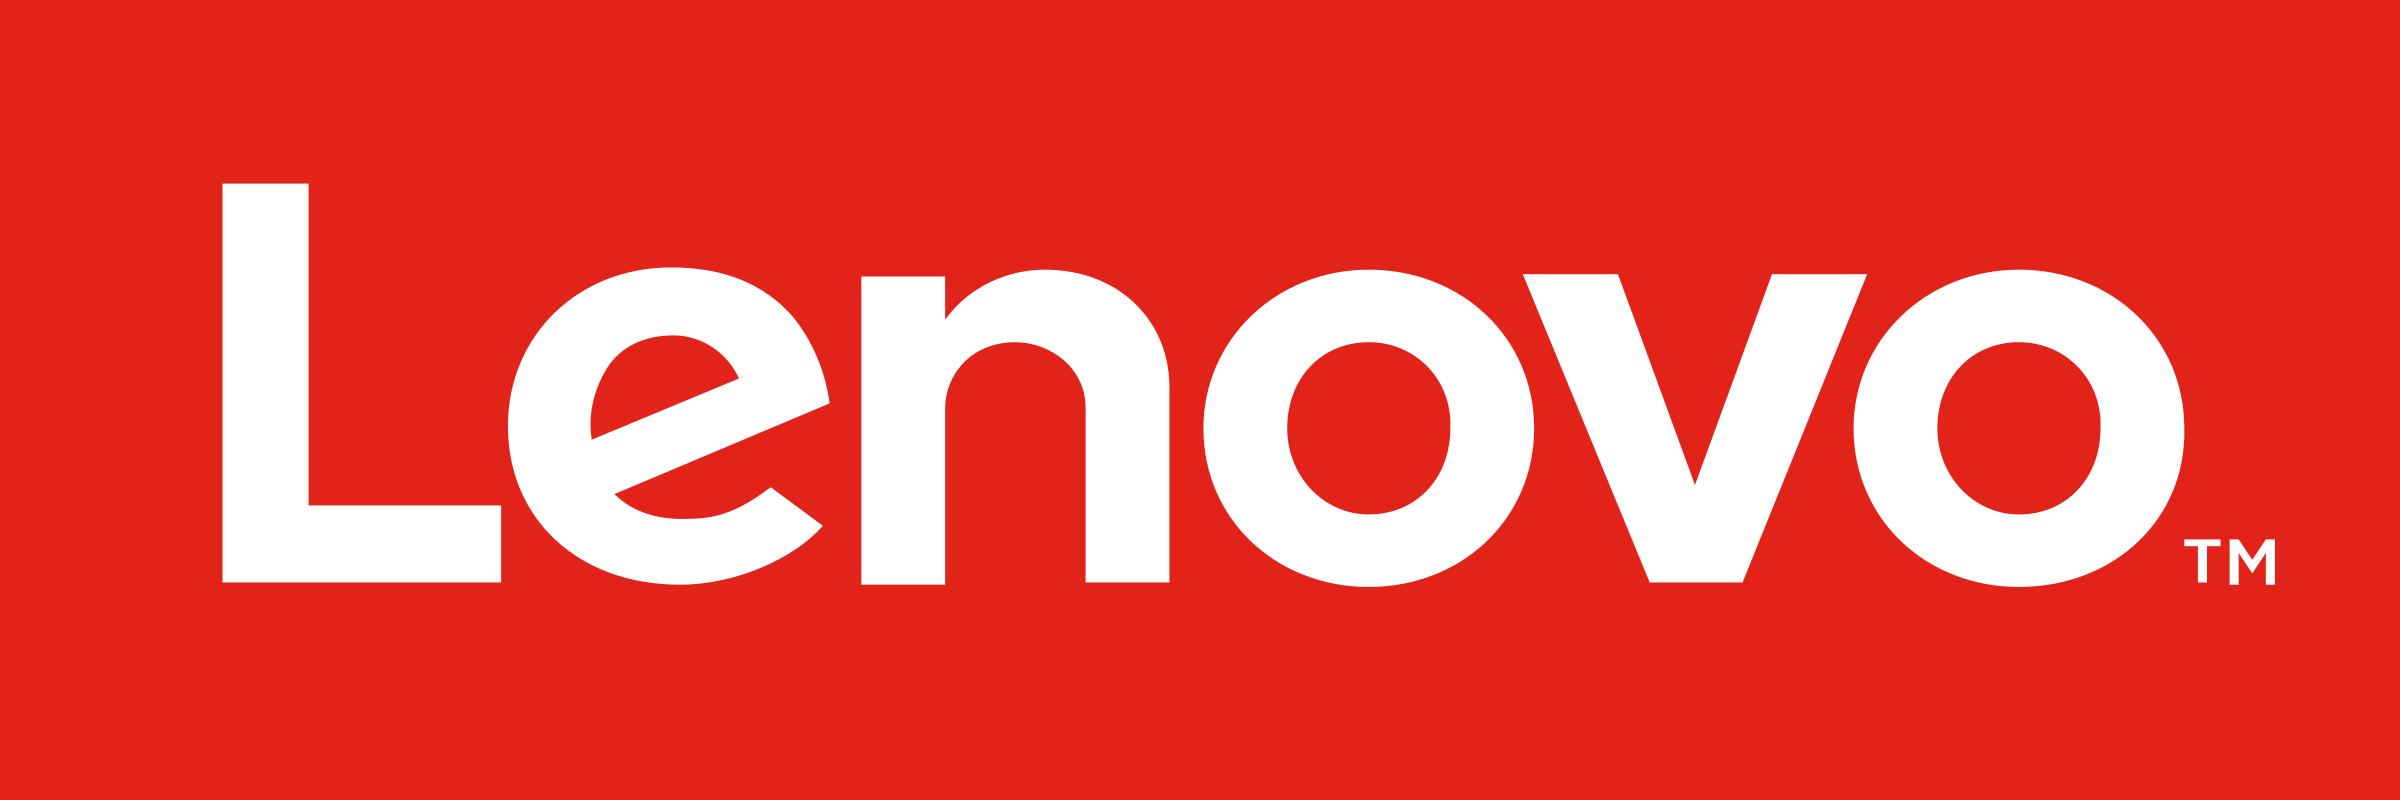 lenovo-au-logo